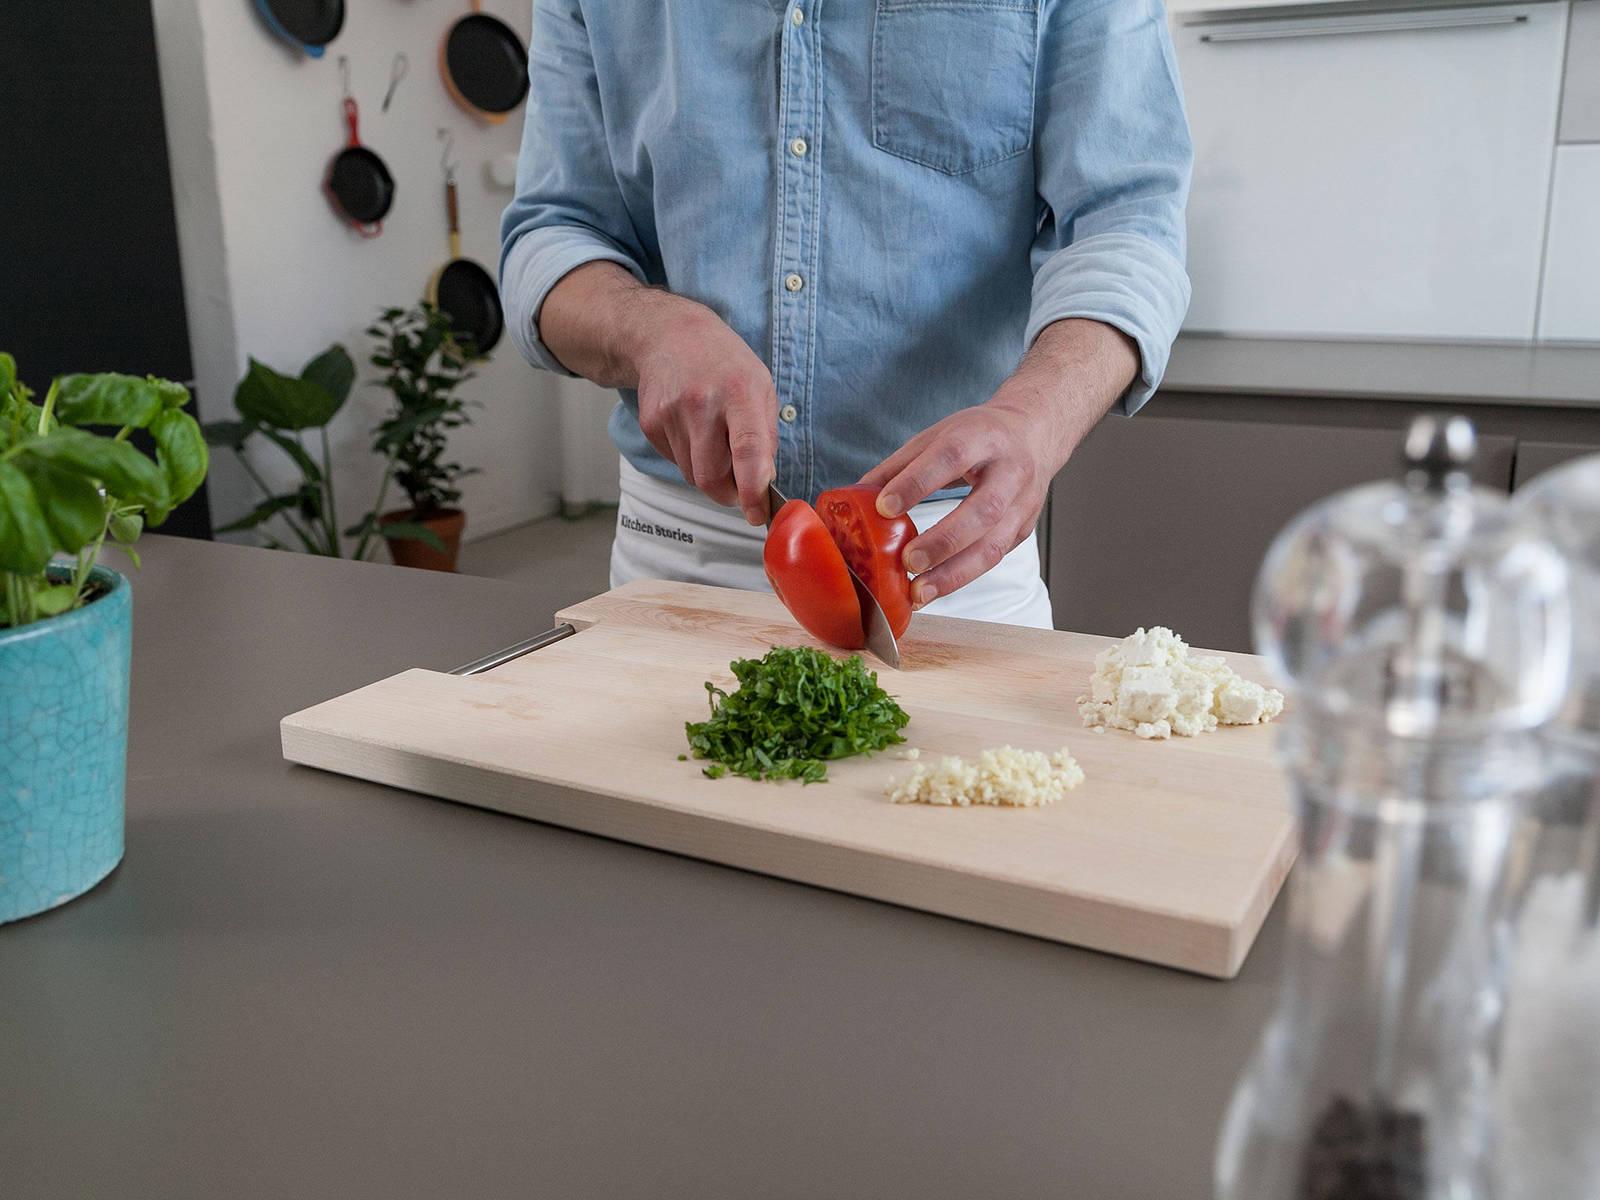 清洗番茄,交叉切半。蒜剥皮后剁碎,切碎罗勒叶。菲达芝士捏碎。